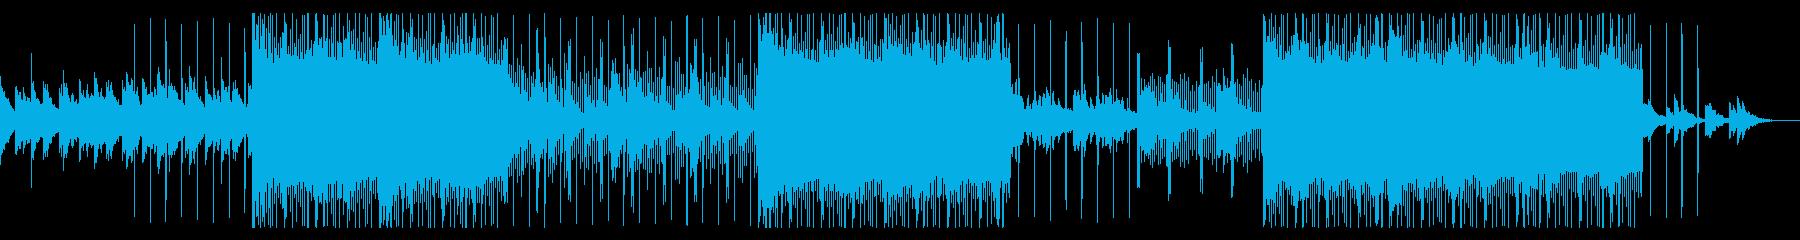 ダークヒップホップ(トラップ)の再生済みの波形